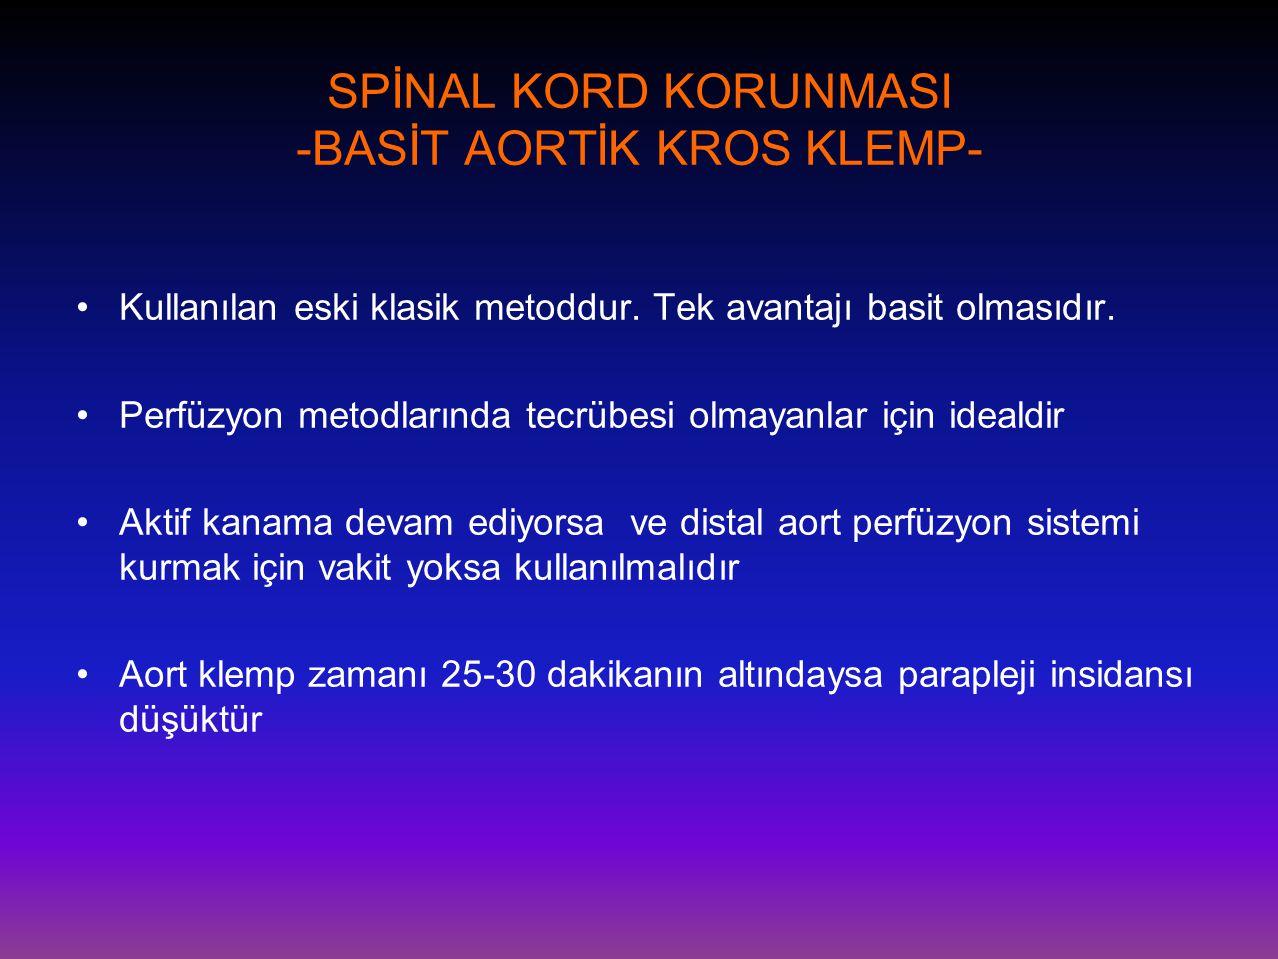 SPİNAL KORD KORUNMASI -BASİT AORTİK KROS KLEMP- •Kullanılan eski klasik metoddur. Tek avantajı basit olmasıdır. •Perfüzyon metodlarında tecrübesi olma